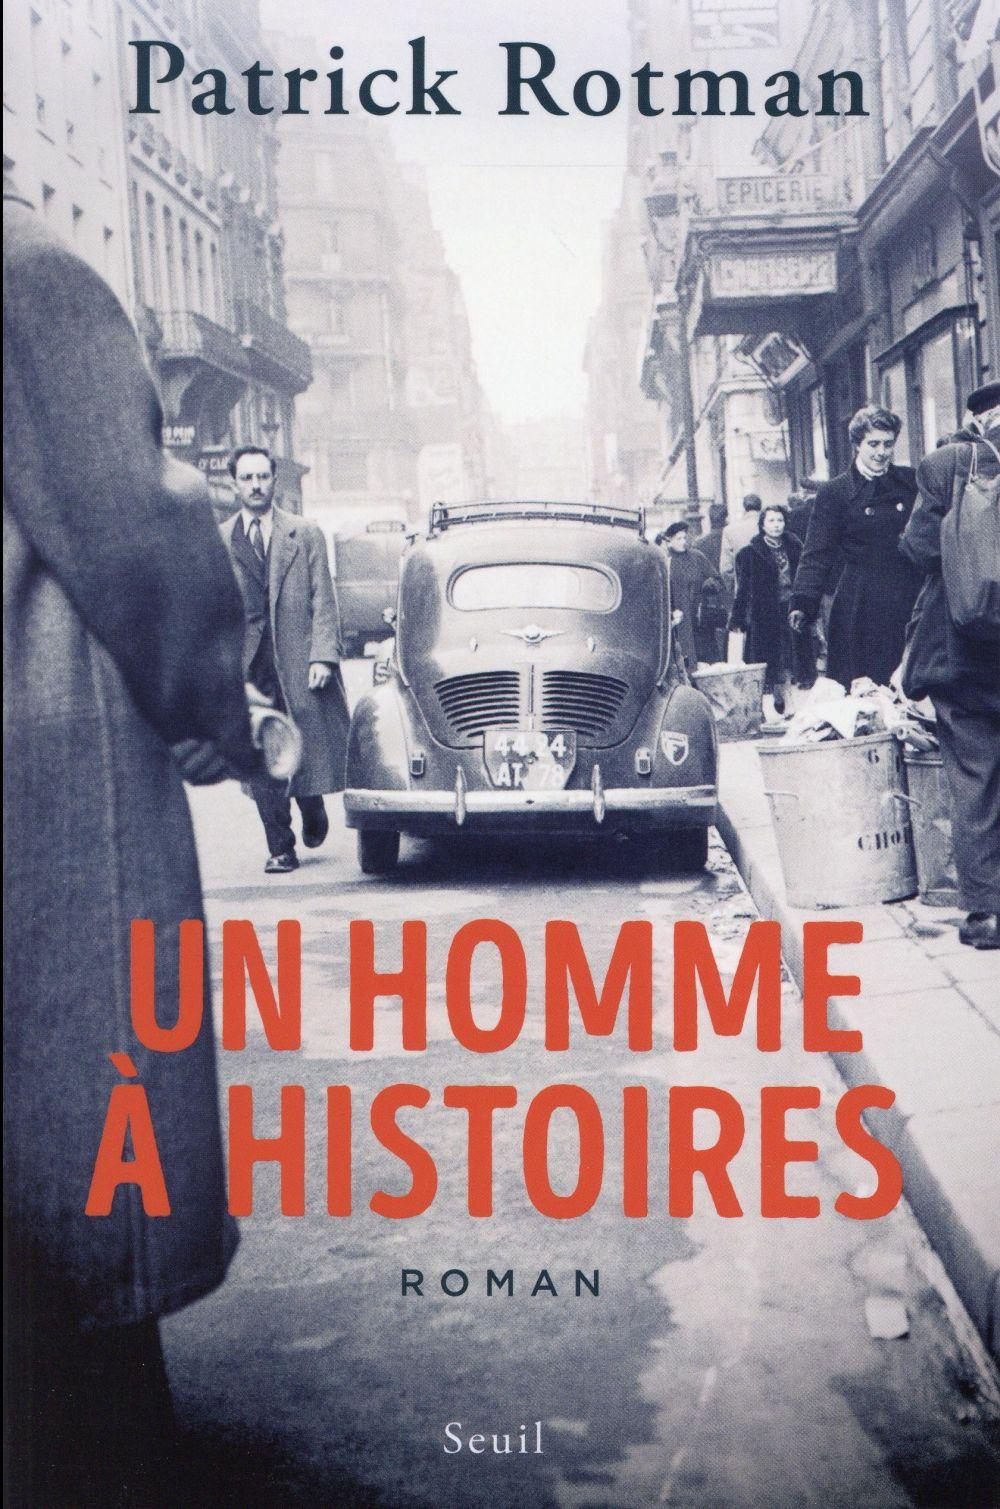 UN HOMME A HISTOIRES